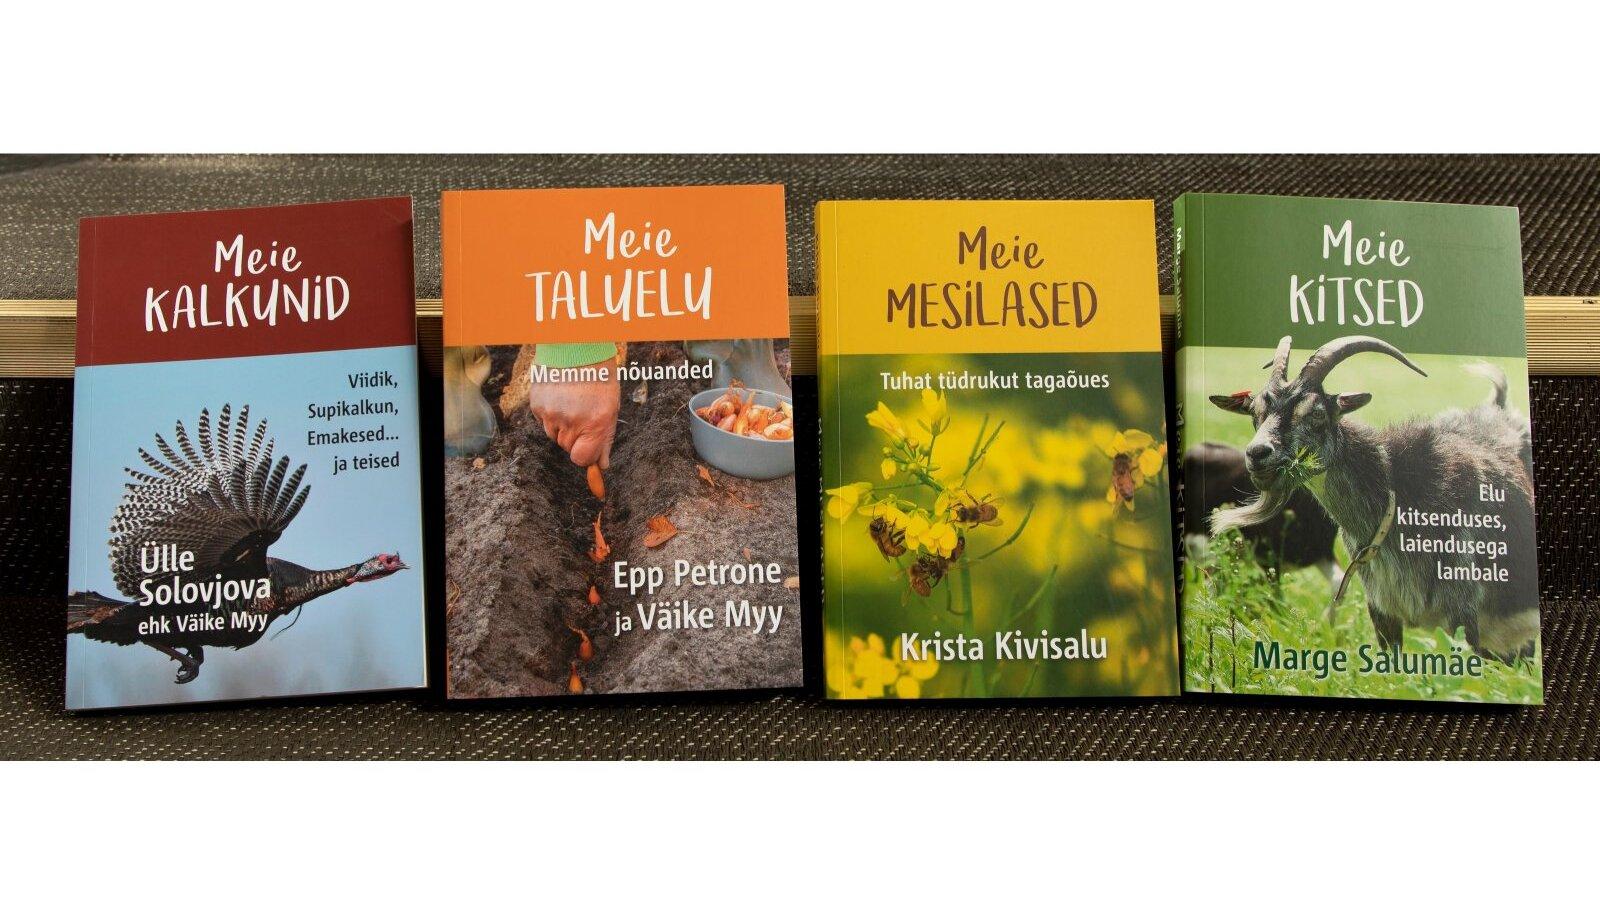 """Raamatud """"""""Meie kalkunid"""", """"Meie taluelu"""", """"Meie mesilased"""", """"Meie kitsed""""."""